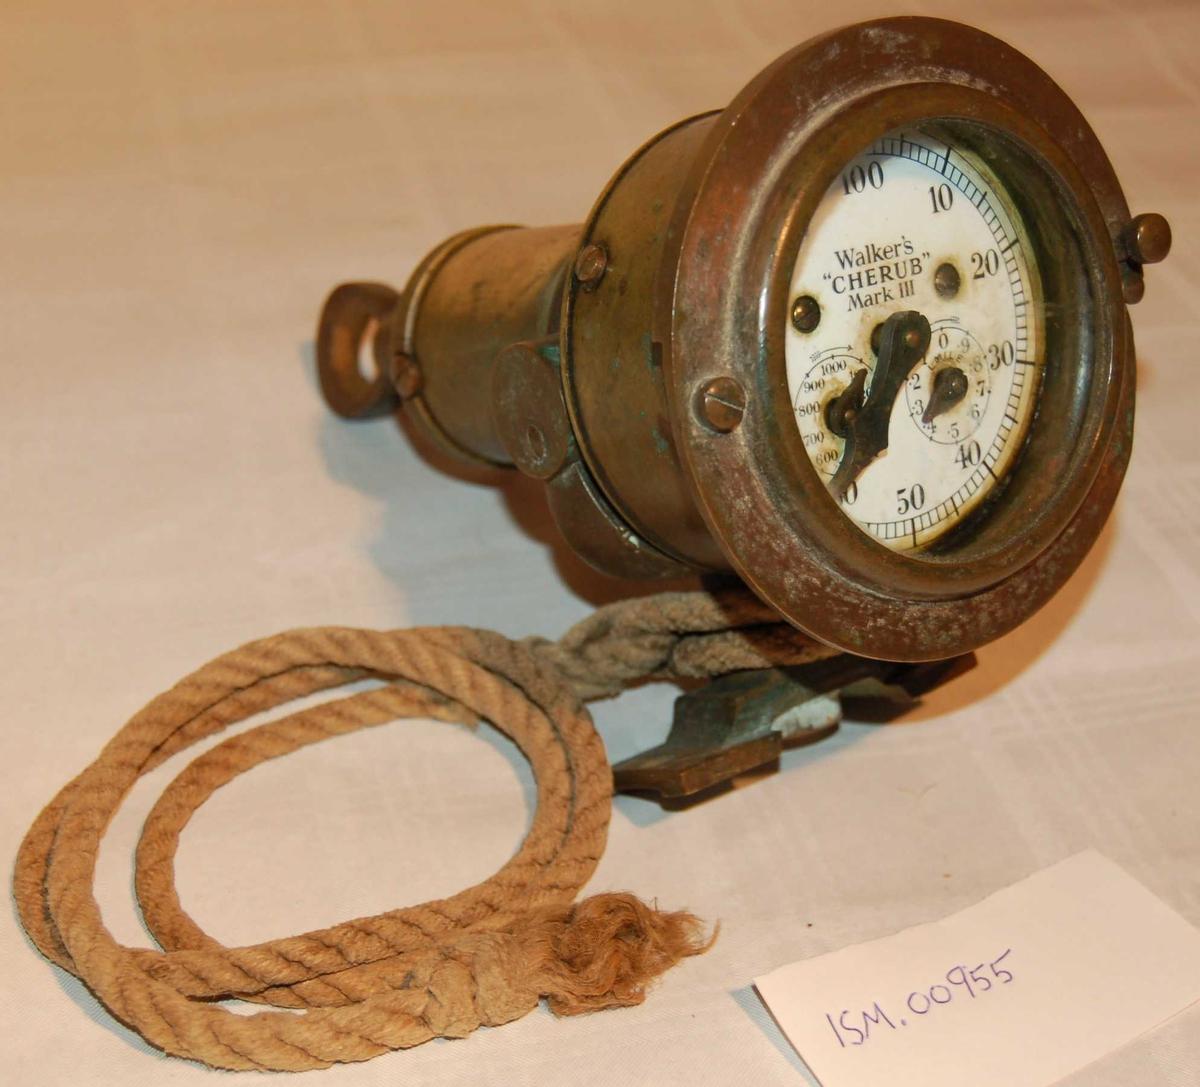 """Gjenstanden utgjer telleverket på ei """"Skipslogg/Distansemåler"""", og er den som viser den utseilte distanse. """"Prinsippet for en patentlogg er at en propeller som slepes gjennom vannet, gjør et visst antall omdreininger på ein viss distanse. Omdreiningenes antall registreres (telles opp) av et telleverk; dets inndeling er i nautiske mil (1850 meter). En komplett patentlogg består av rotatoren (propeller), logglinen, svinghjulet og telleverket. Telleverket har en stor viser, som går over en inndeling fra 0 - 100. Dessuten er det 2 mindre visere, hvorav den ene angir tiendedels (eller fjerdedels) nautisk mil. Den andre angir hundrer av nautiske mil. Svinghjulet er det som regulerer linens omdreining"""". Ref. Lærebok i Navigasjon. På """"Klokkehuset"""" er det inngravert: """"Use Walkers Solidified Oil"""", med en """"Pil"""" som angir skruretningen (""""Unscrew"""") på endelokket for tilkomst til smøring av drivverket. """"Klokka"""" er sylinderformet og er festet til ein leddbar """"fot"""". Festet på foten er tilpasset eit fundament. Fundamentet var som regel festet til rekkverket eller eit anna høveleg sted helt akterut på skipet/båten."""